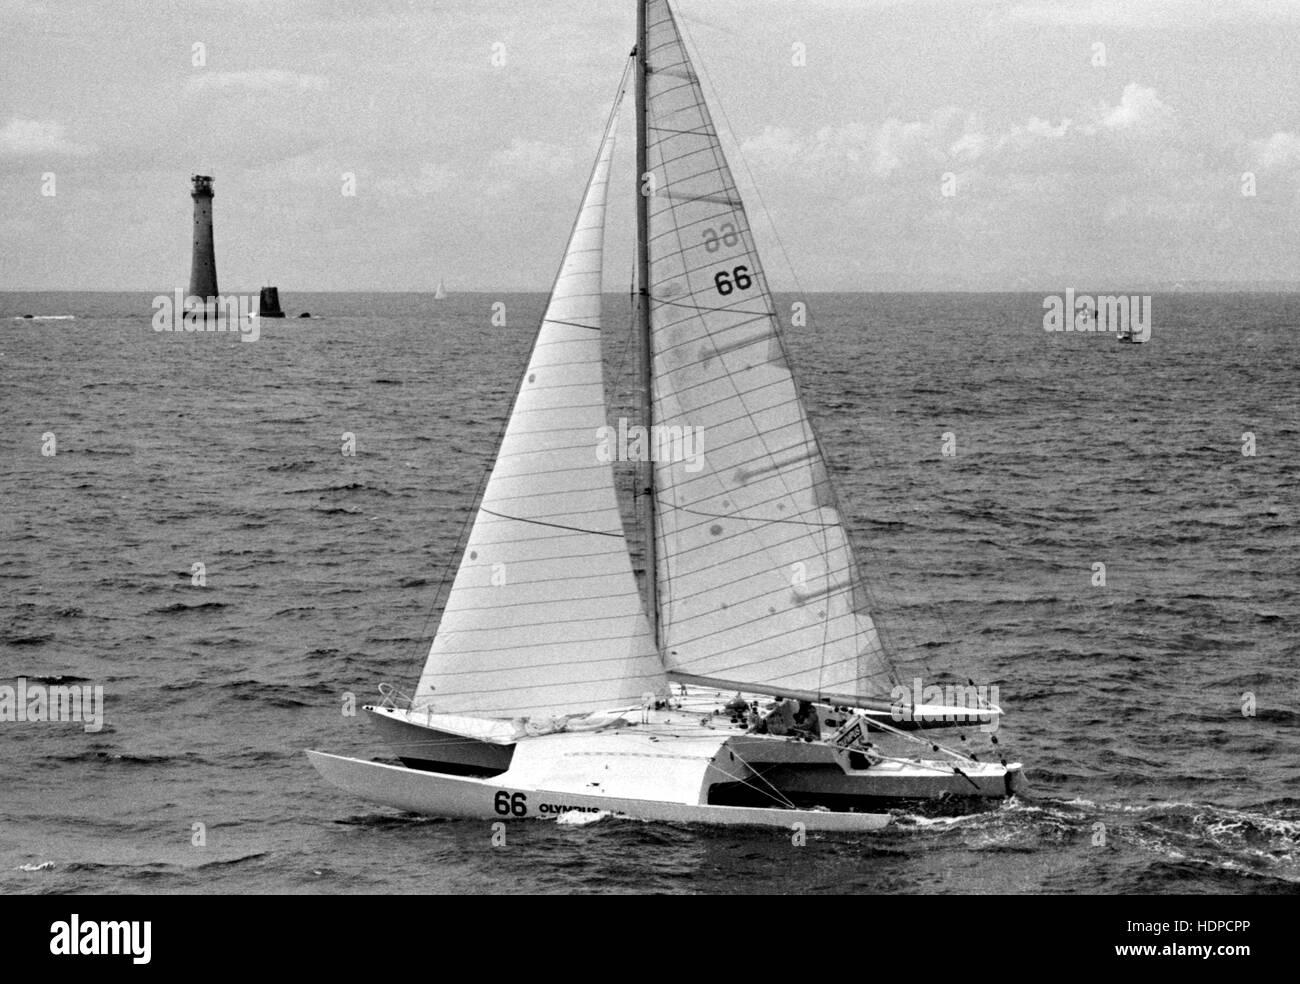 AJAXNETPHOTO. 7º de junio de 1980. PLYMOUTH, Inglaterra. - OSTAR 1980 - sola raza - Olympus patroneado por Imagen De Stock